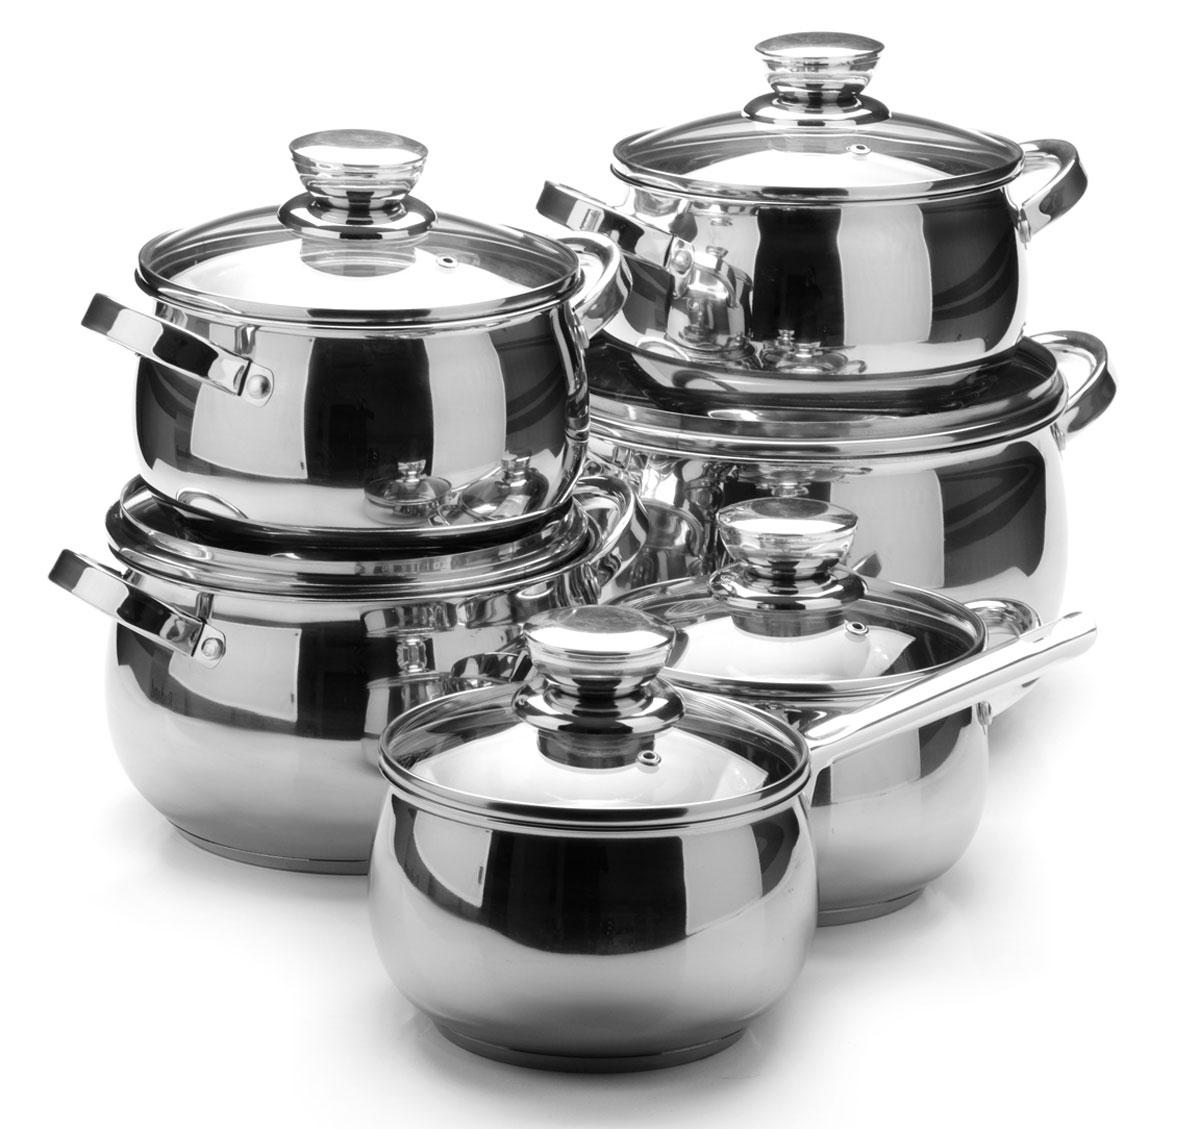 Набор посуды Mayer & Boch, 12 предметов. 26039260392,1+2,1+2,9+3,9+6,6+3,4